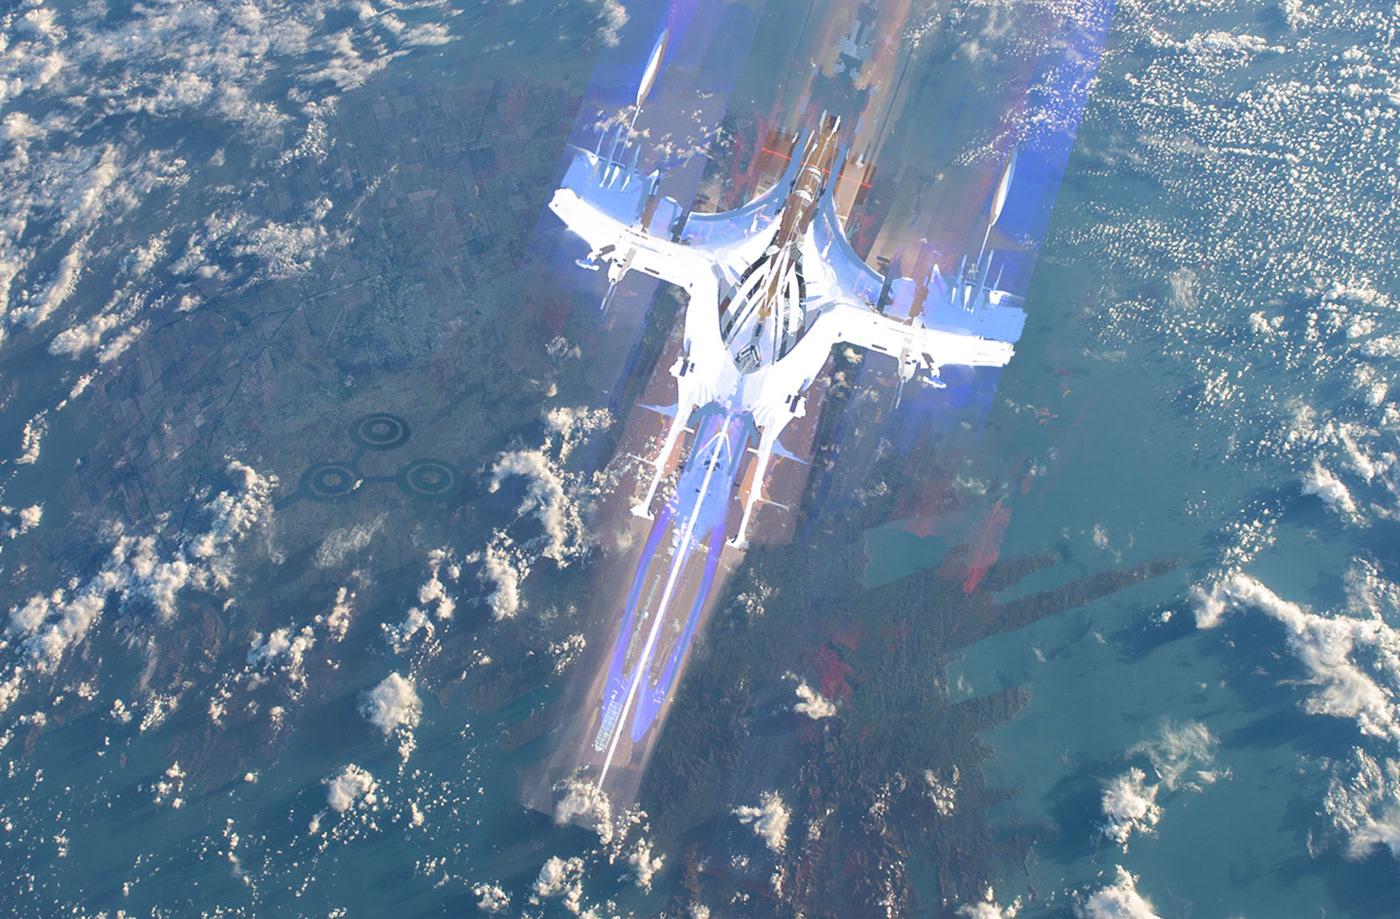 Space  ships sketch design ILLUSTRATION